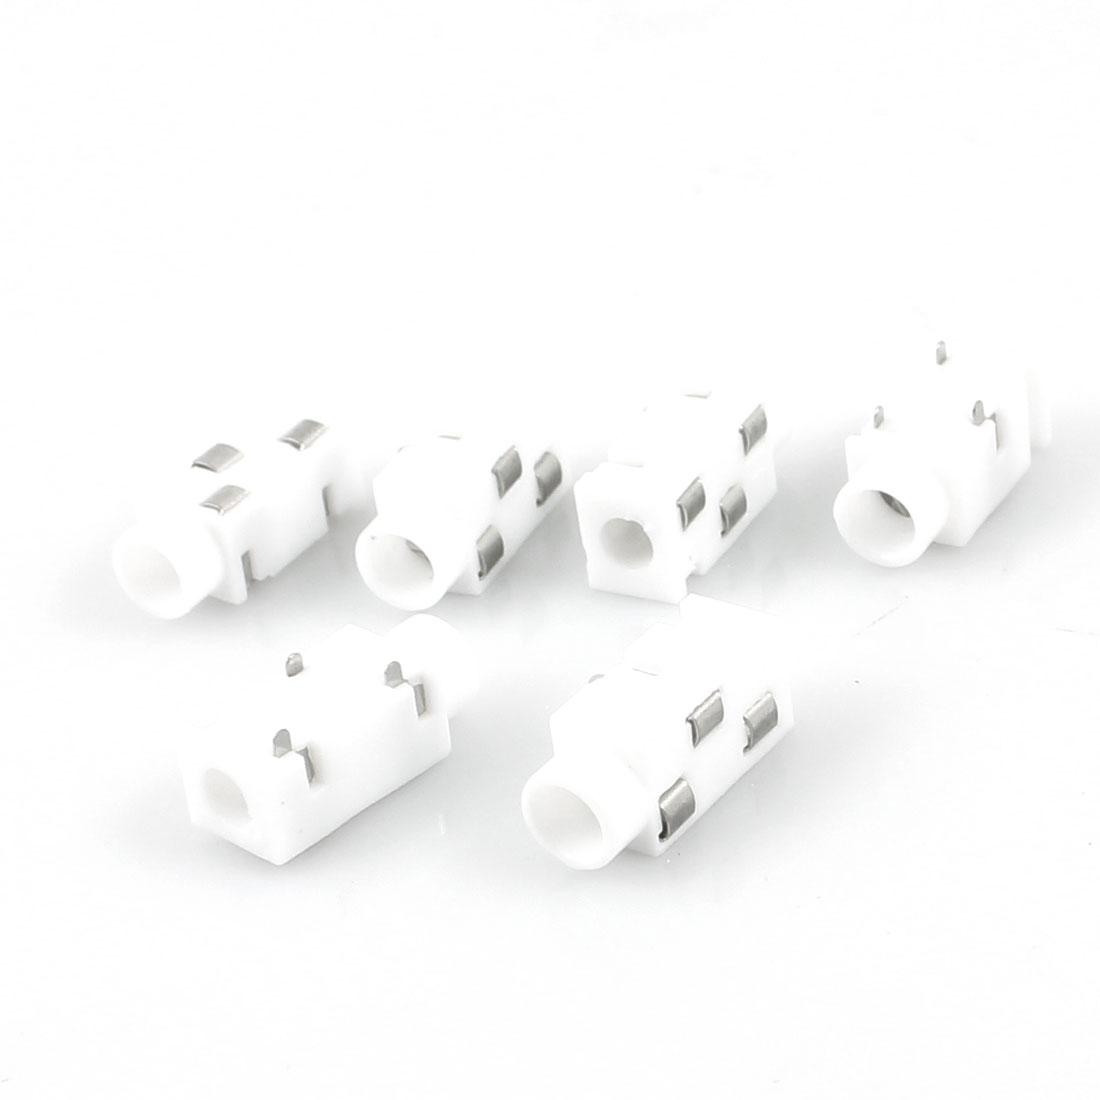 6 Pcs 3-Terminal 3.5mm Headphone Stereo Jack PCB Panel Mount Socket White